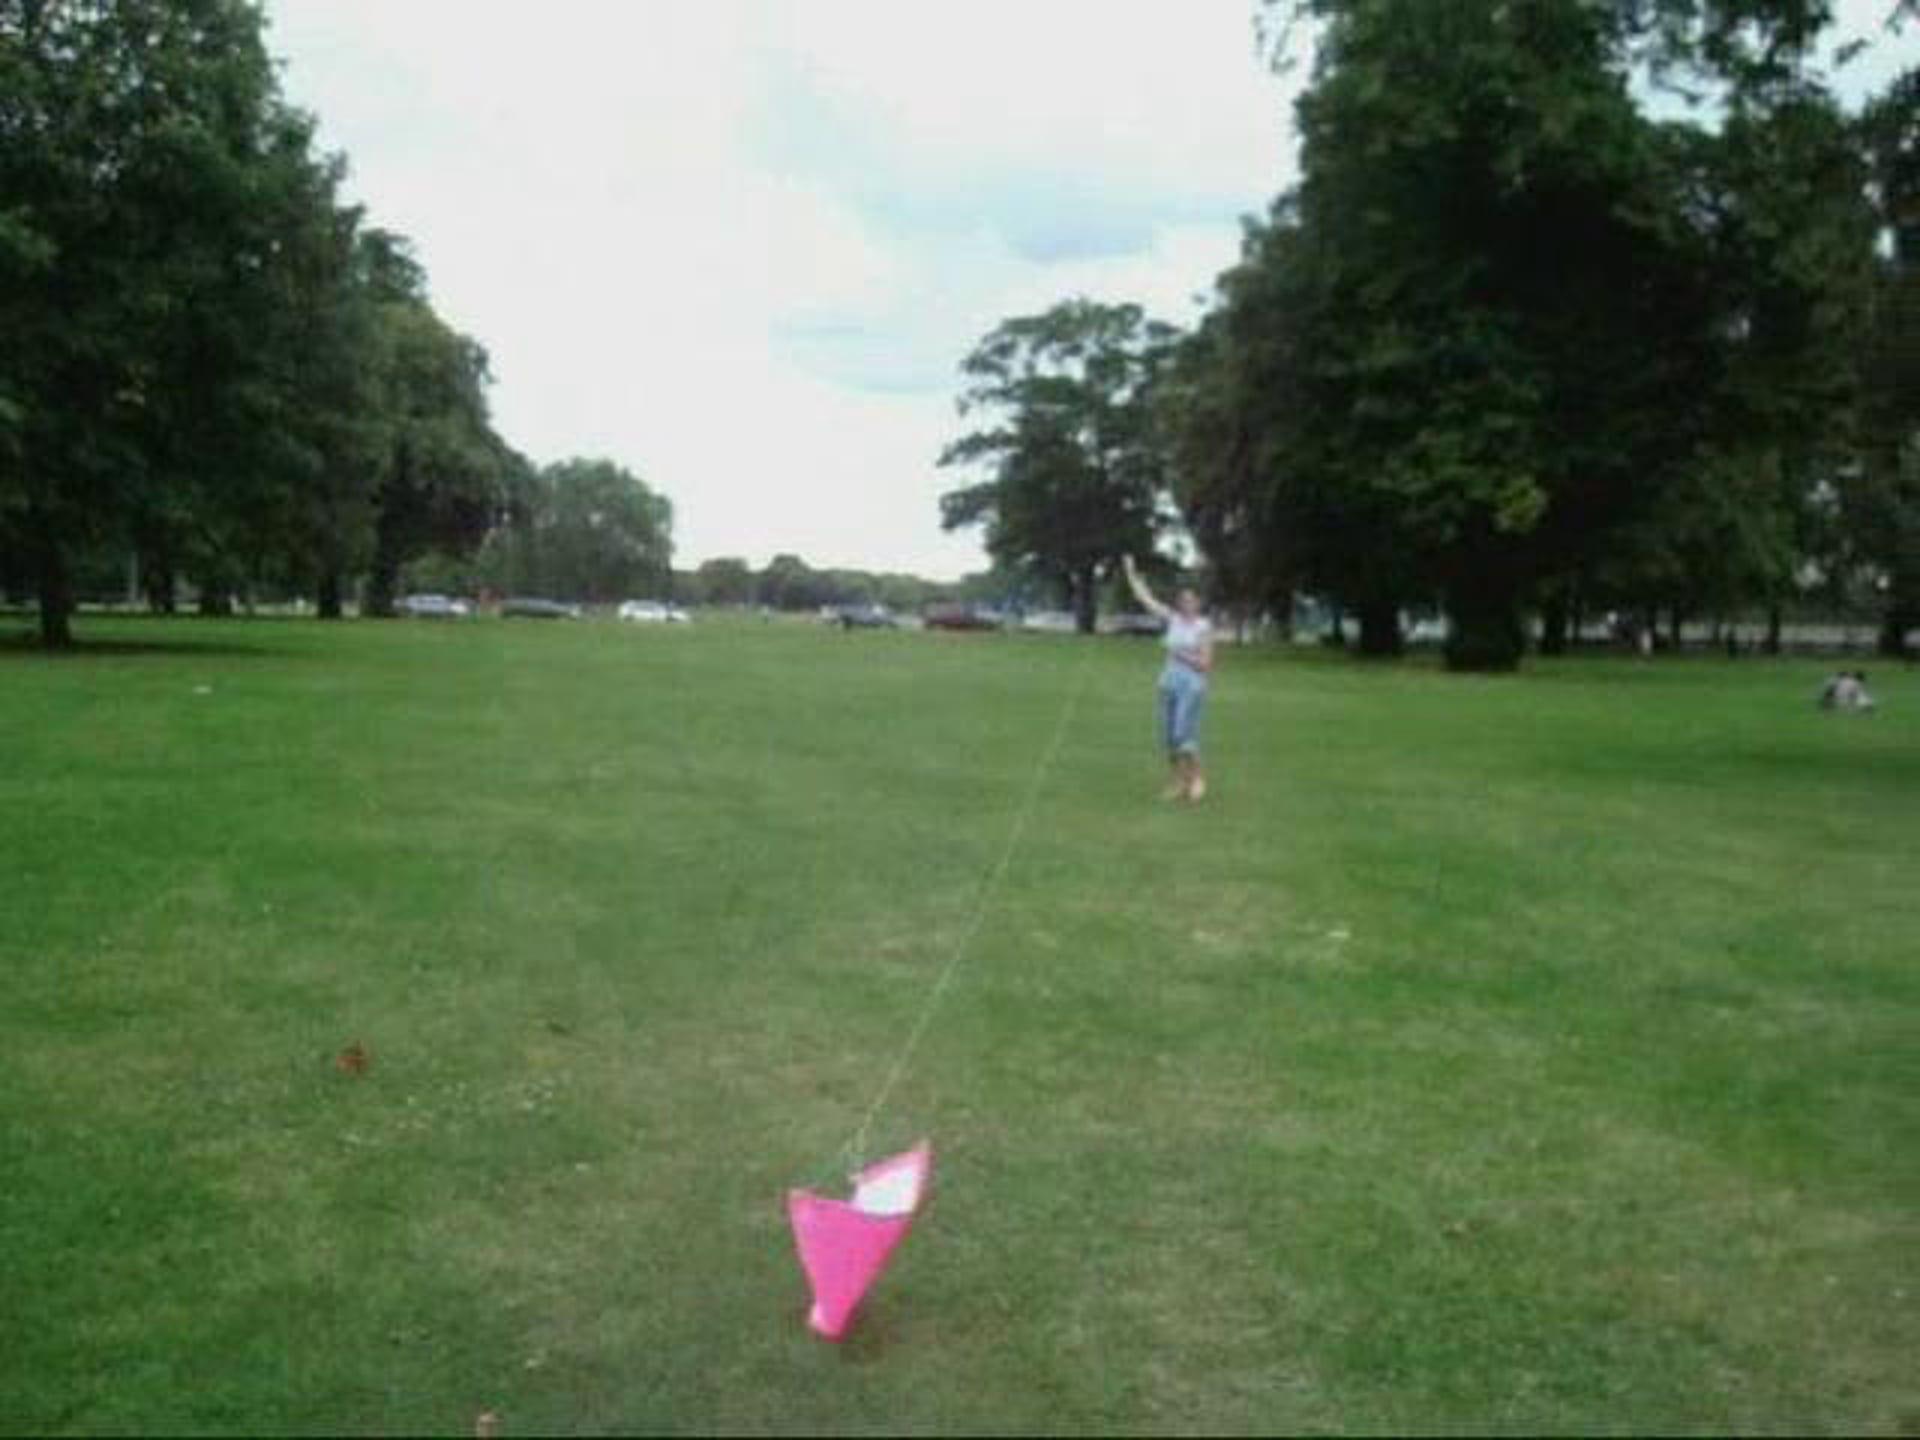 Fly A Homemade Kite